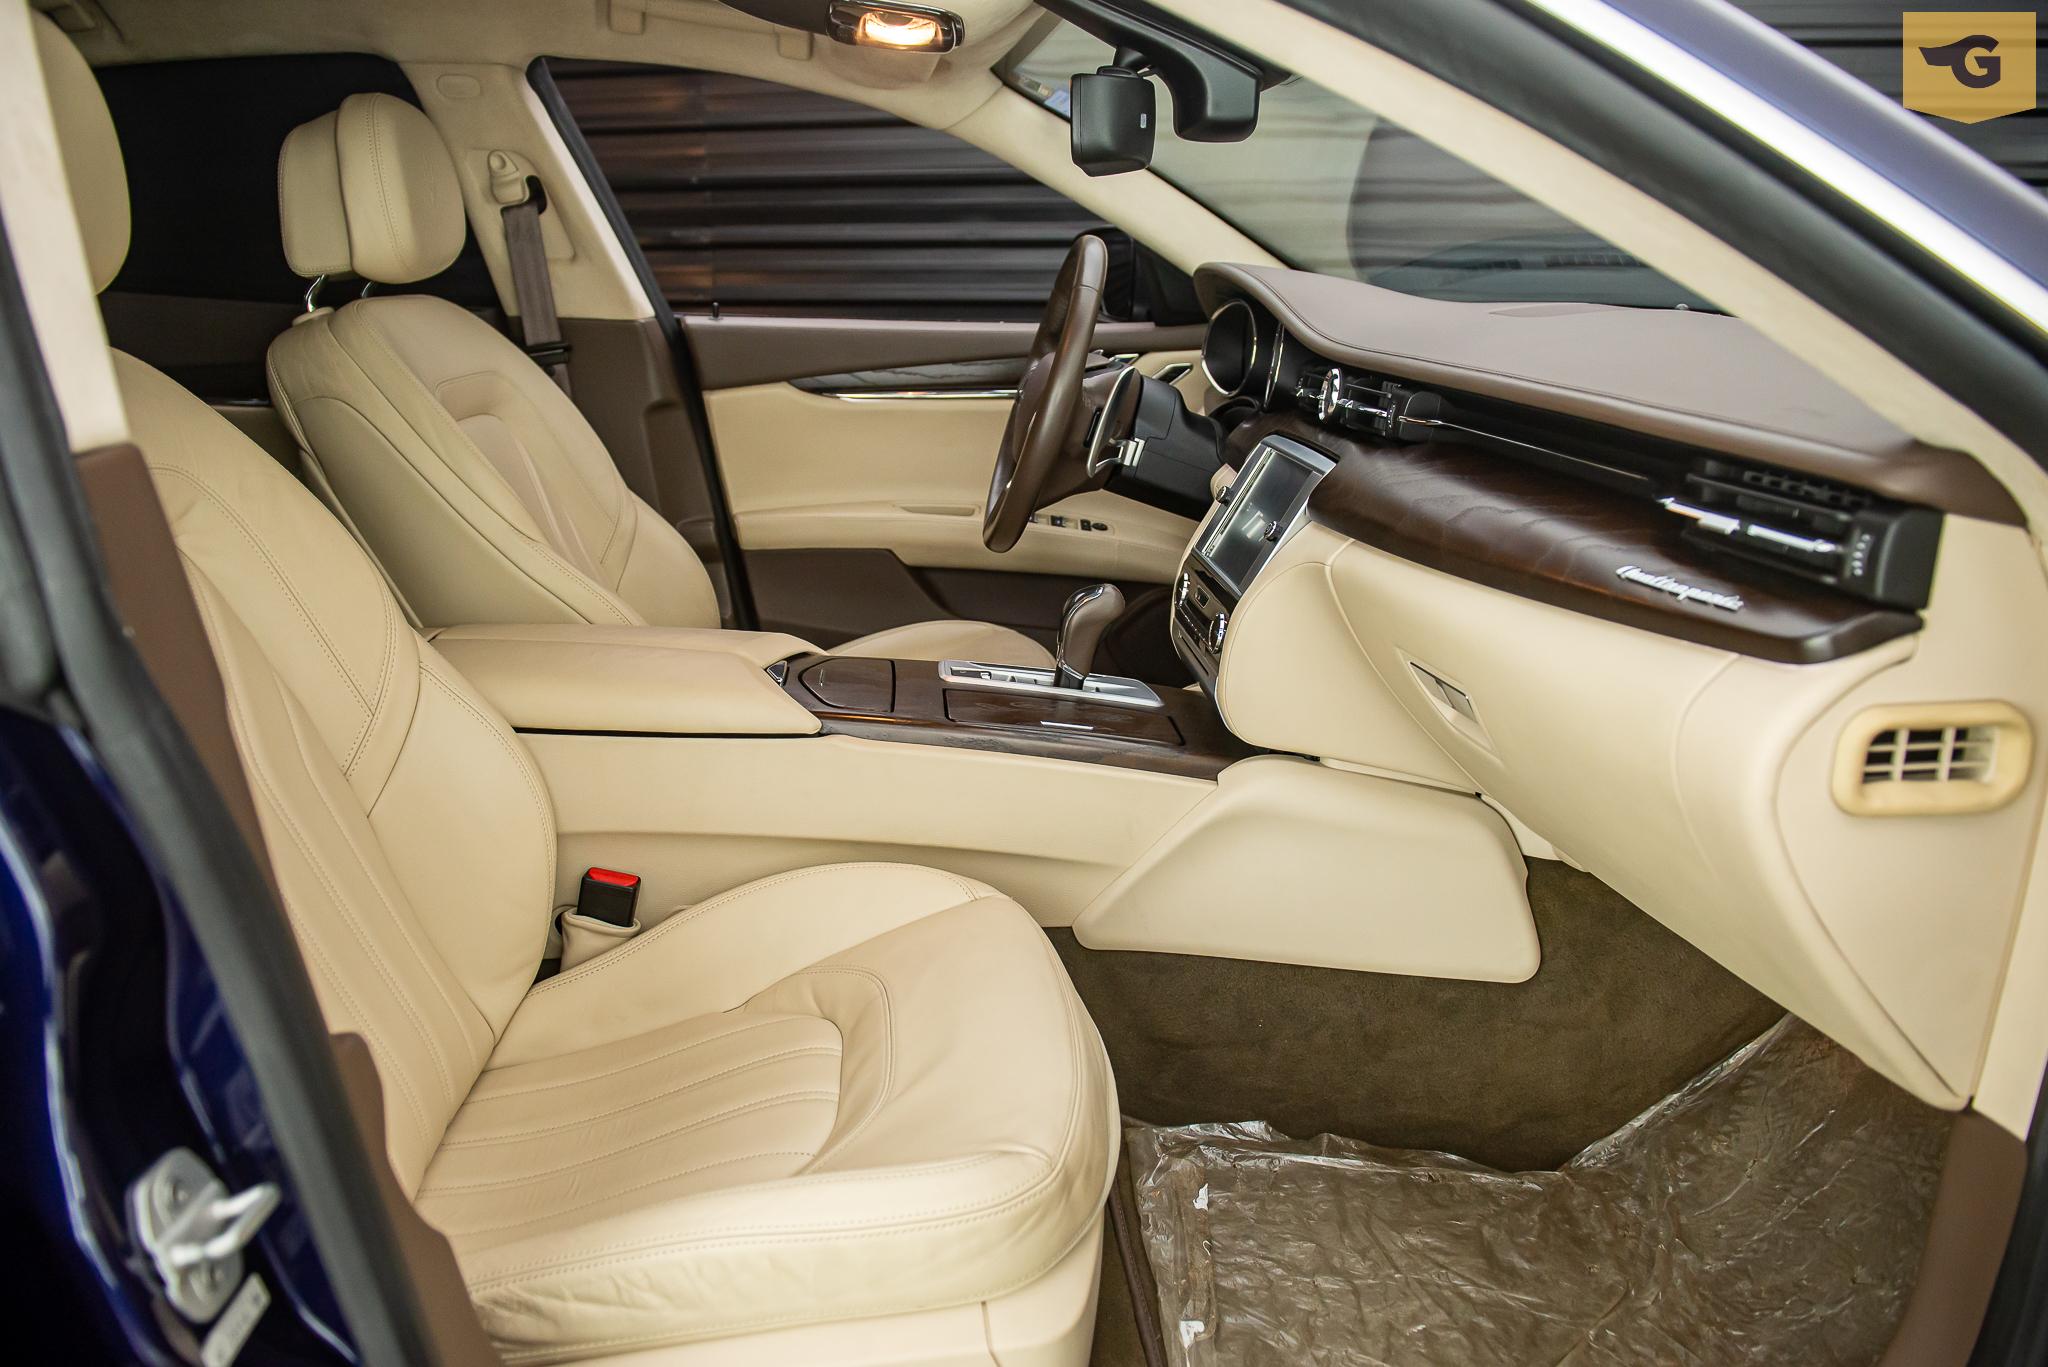 2014-MASERATI-QUATTROPORTE-a-venda-sao-paulo-sp-for-sale-the-garage-classicos-a-venda-loja-de-carros-antigos-